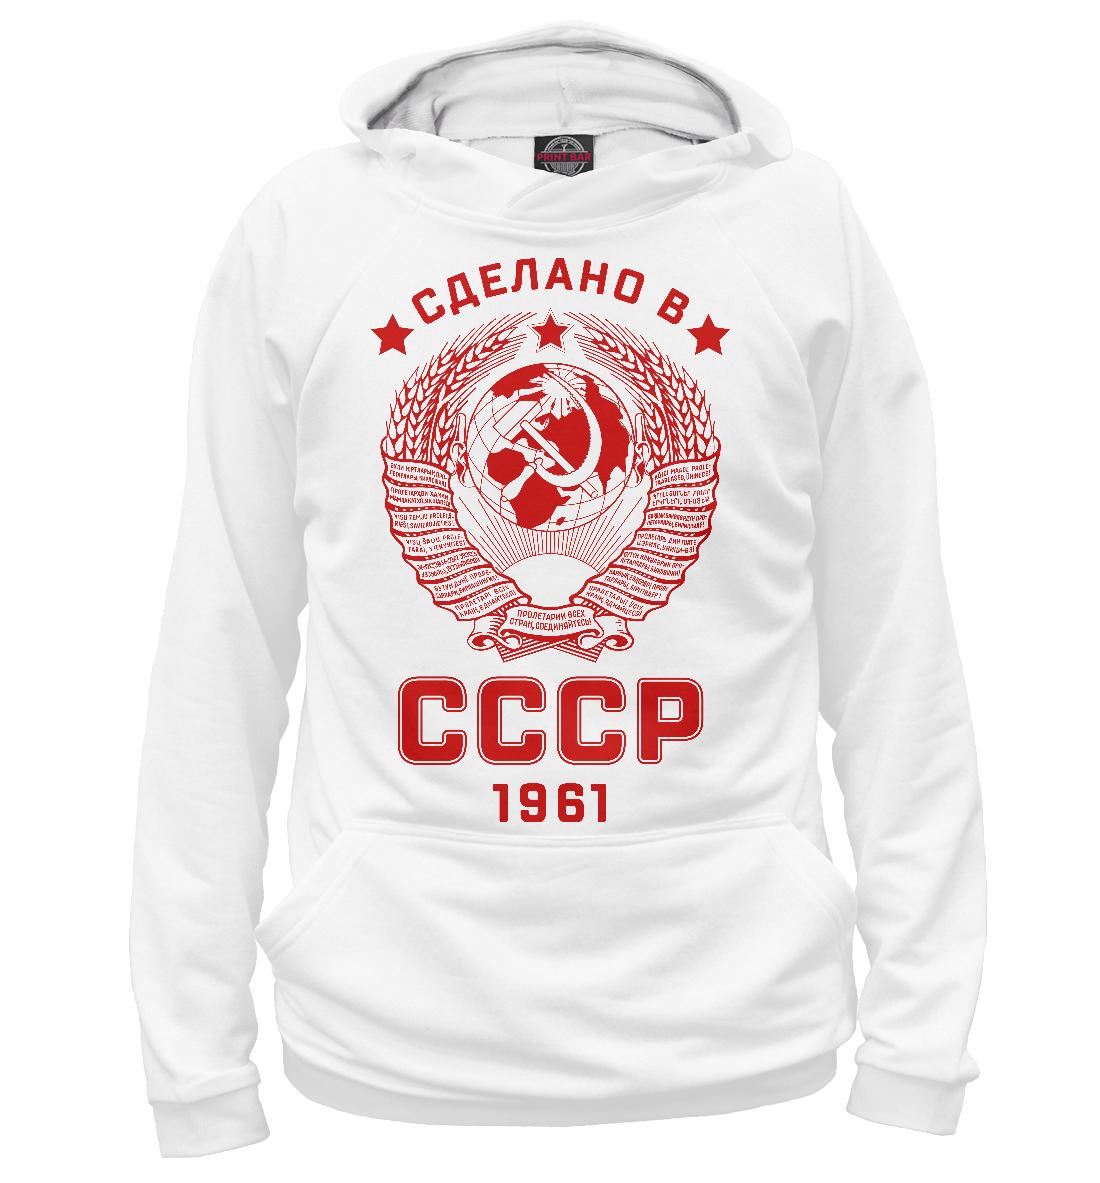 Купить Сделано в СССР - 1961, Printbar, Худи, RZP-366841-hud-2